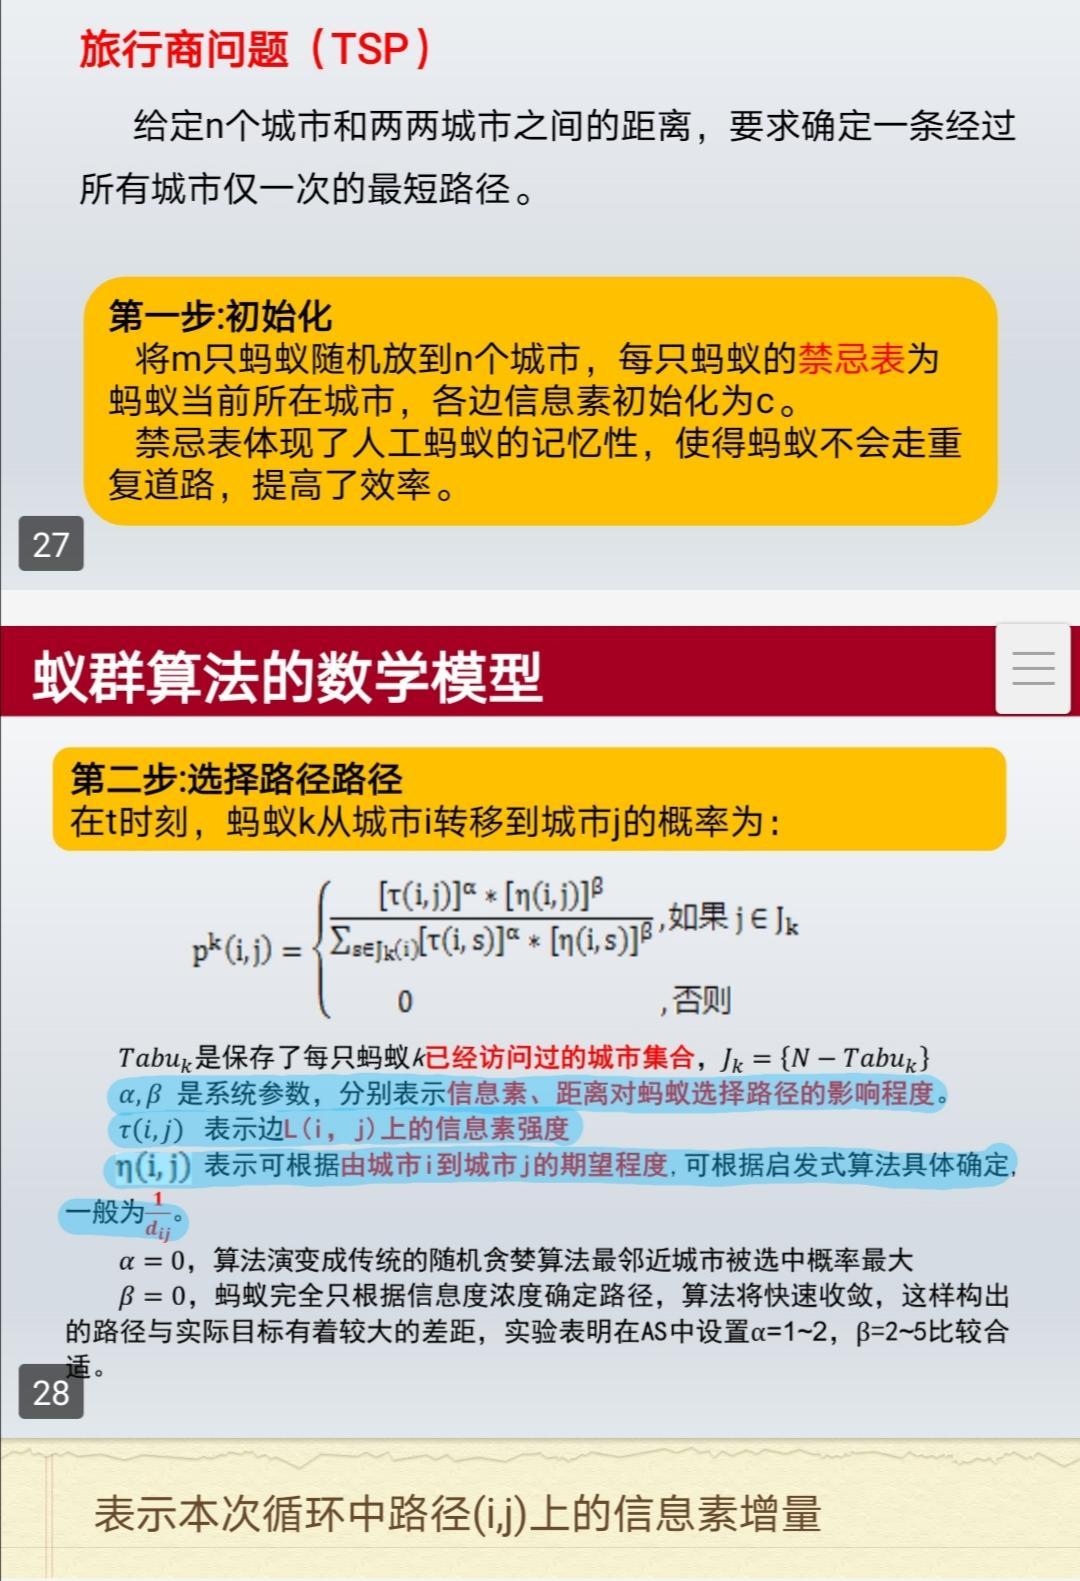 【人工智能I】蚁群算法解决TSP问题(实验)